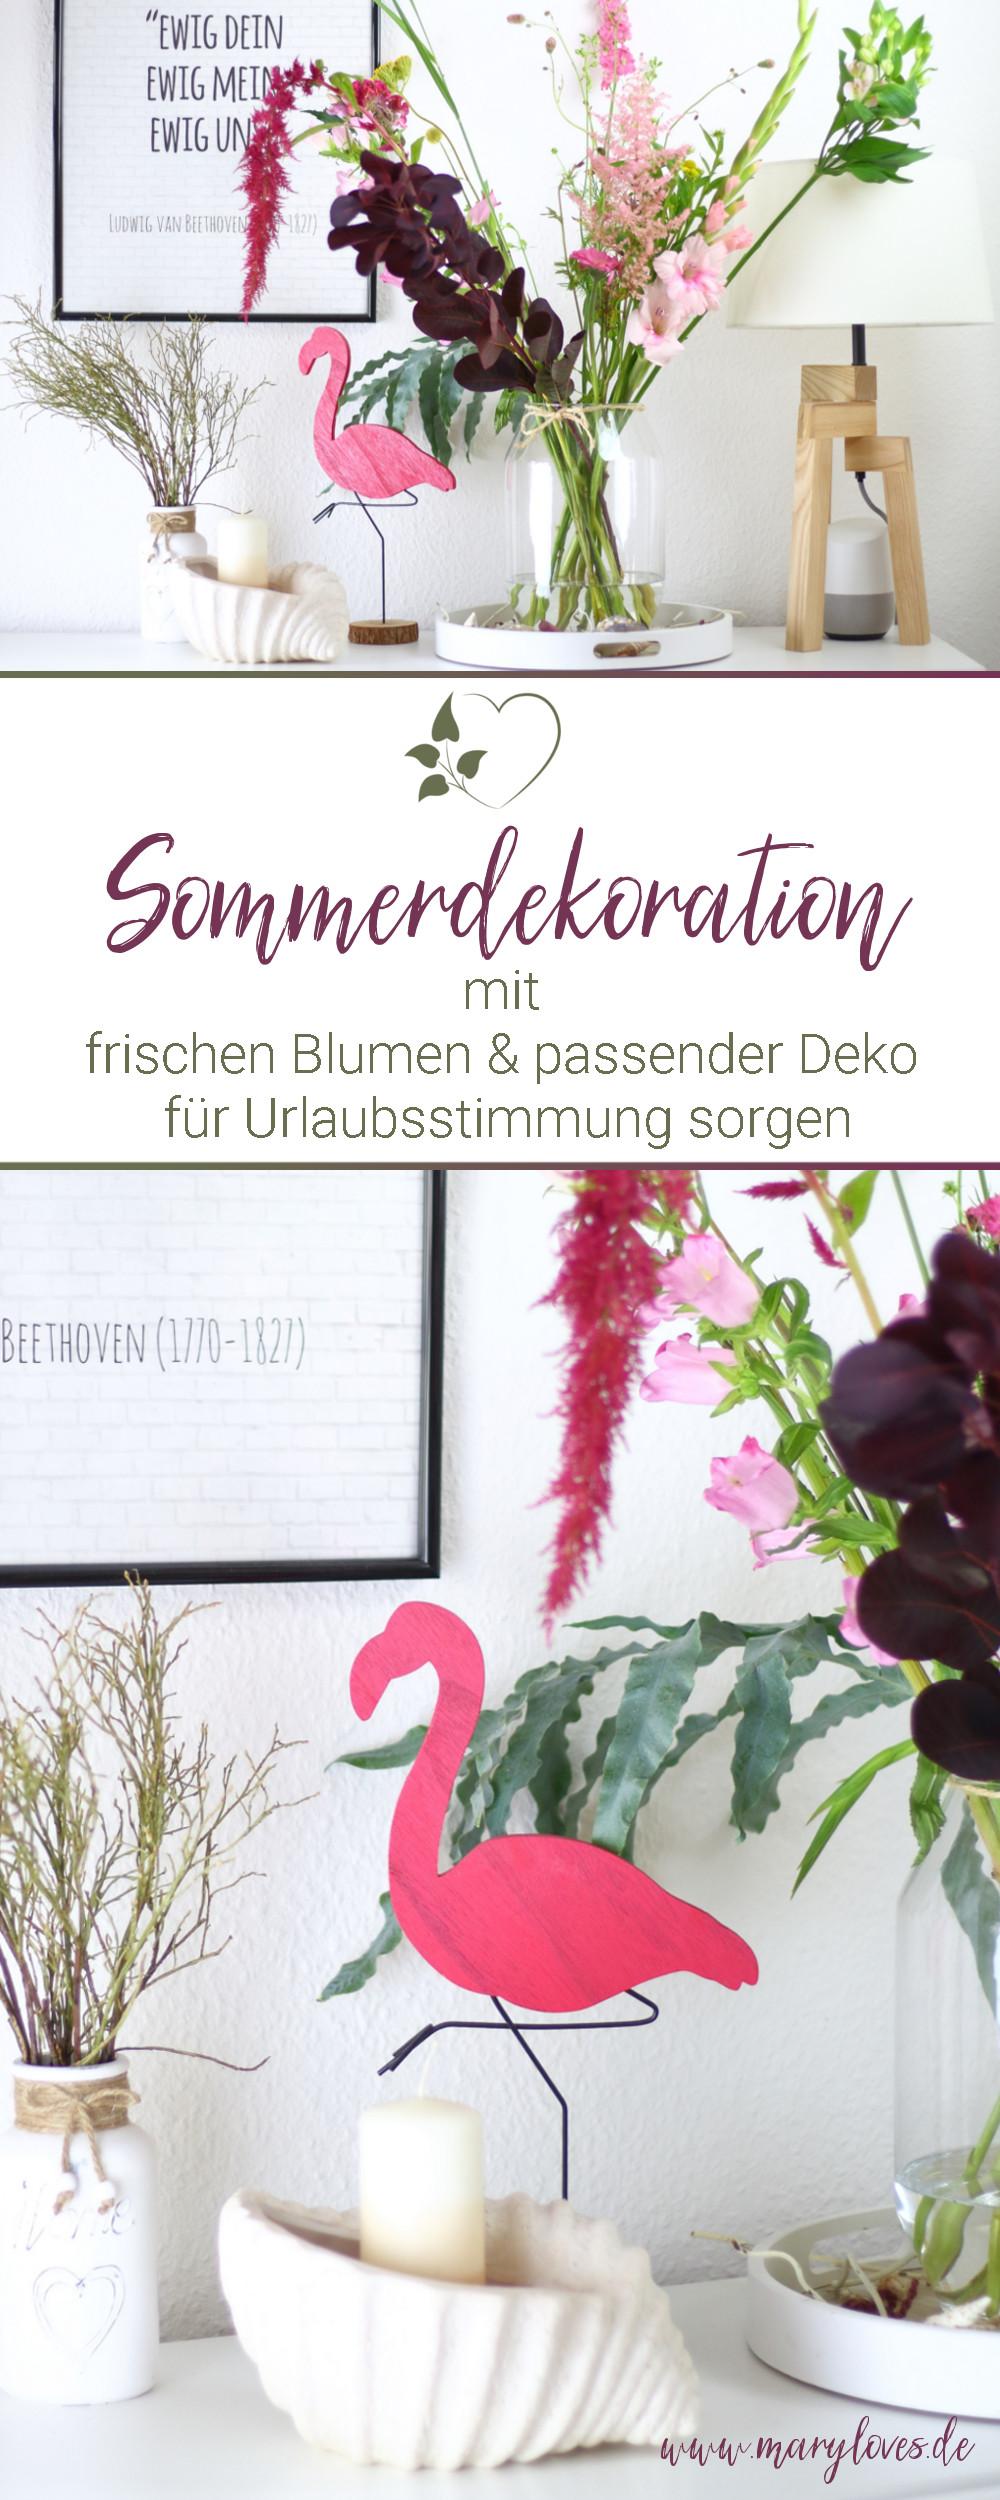 [Anzeige] Frische Blumen & sommerliche Deko für die richtige Urlaubsstimmung - #blumendeko #sommerblumen #bloomon #sommerdeko #dekoration #dekoidee #maritim #urlaubsstimmung